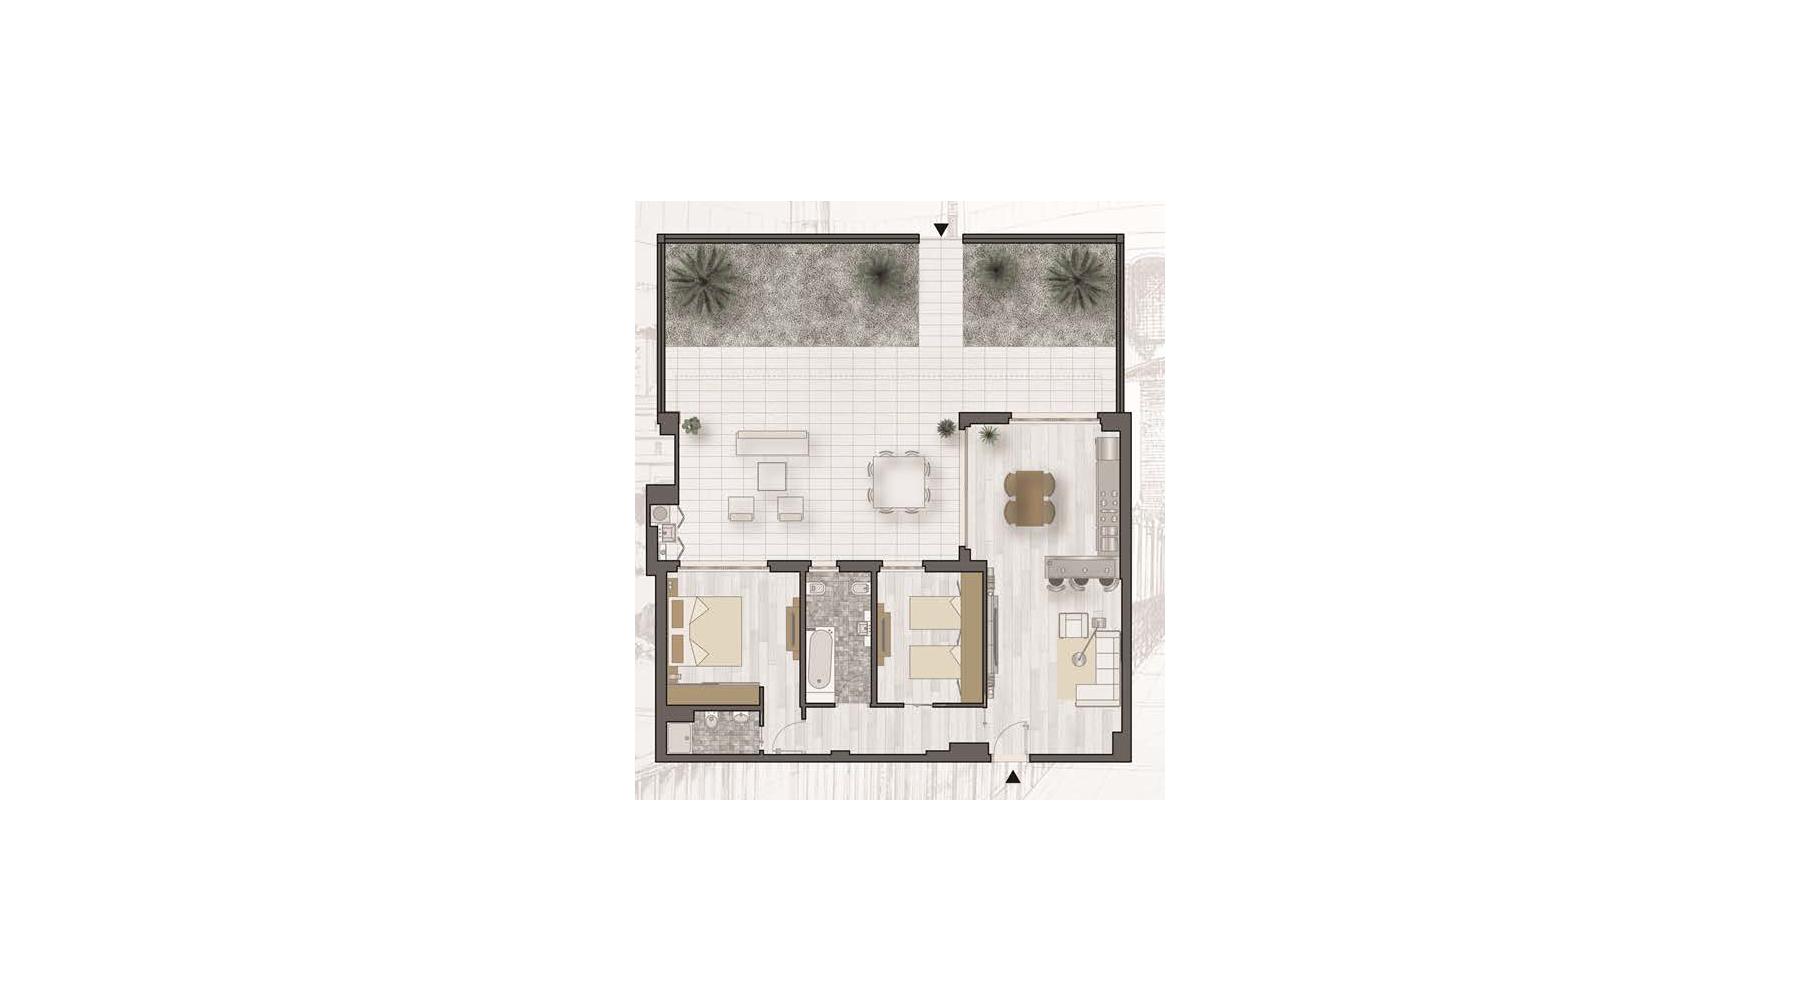 Immagini di giardino con planimetria casa con giardino for Planimetrie della casa con seminterrato di sciopero